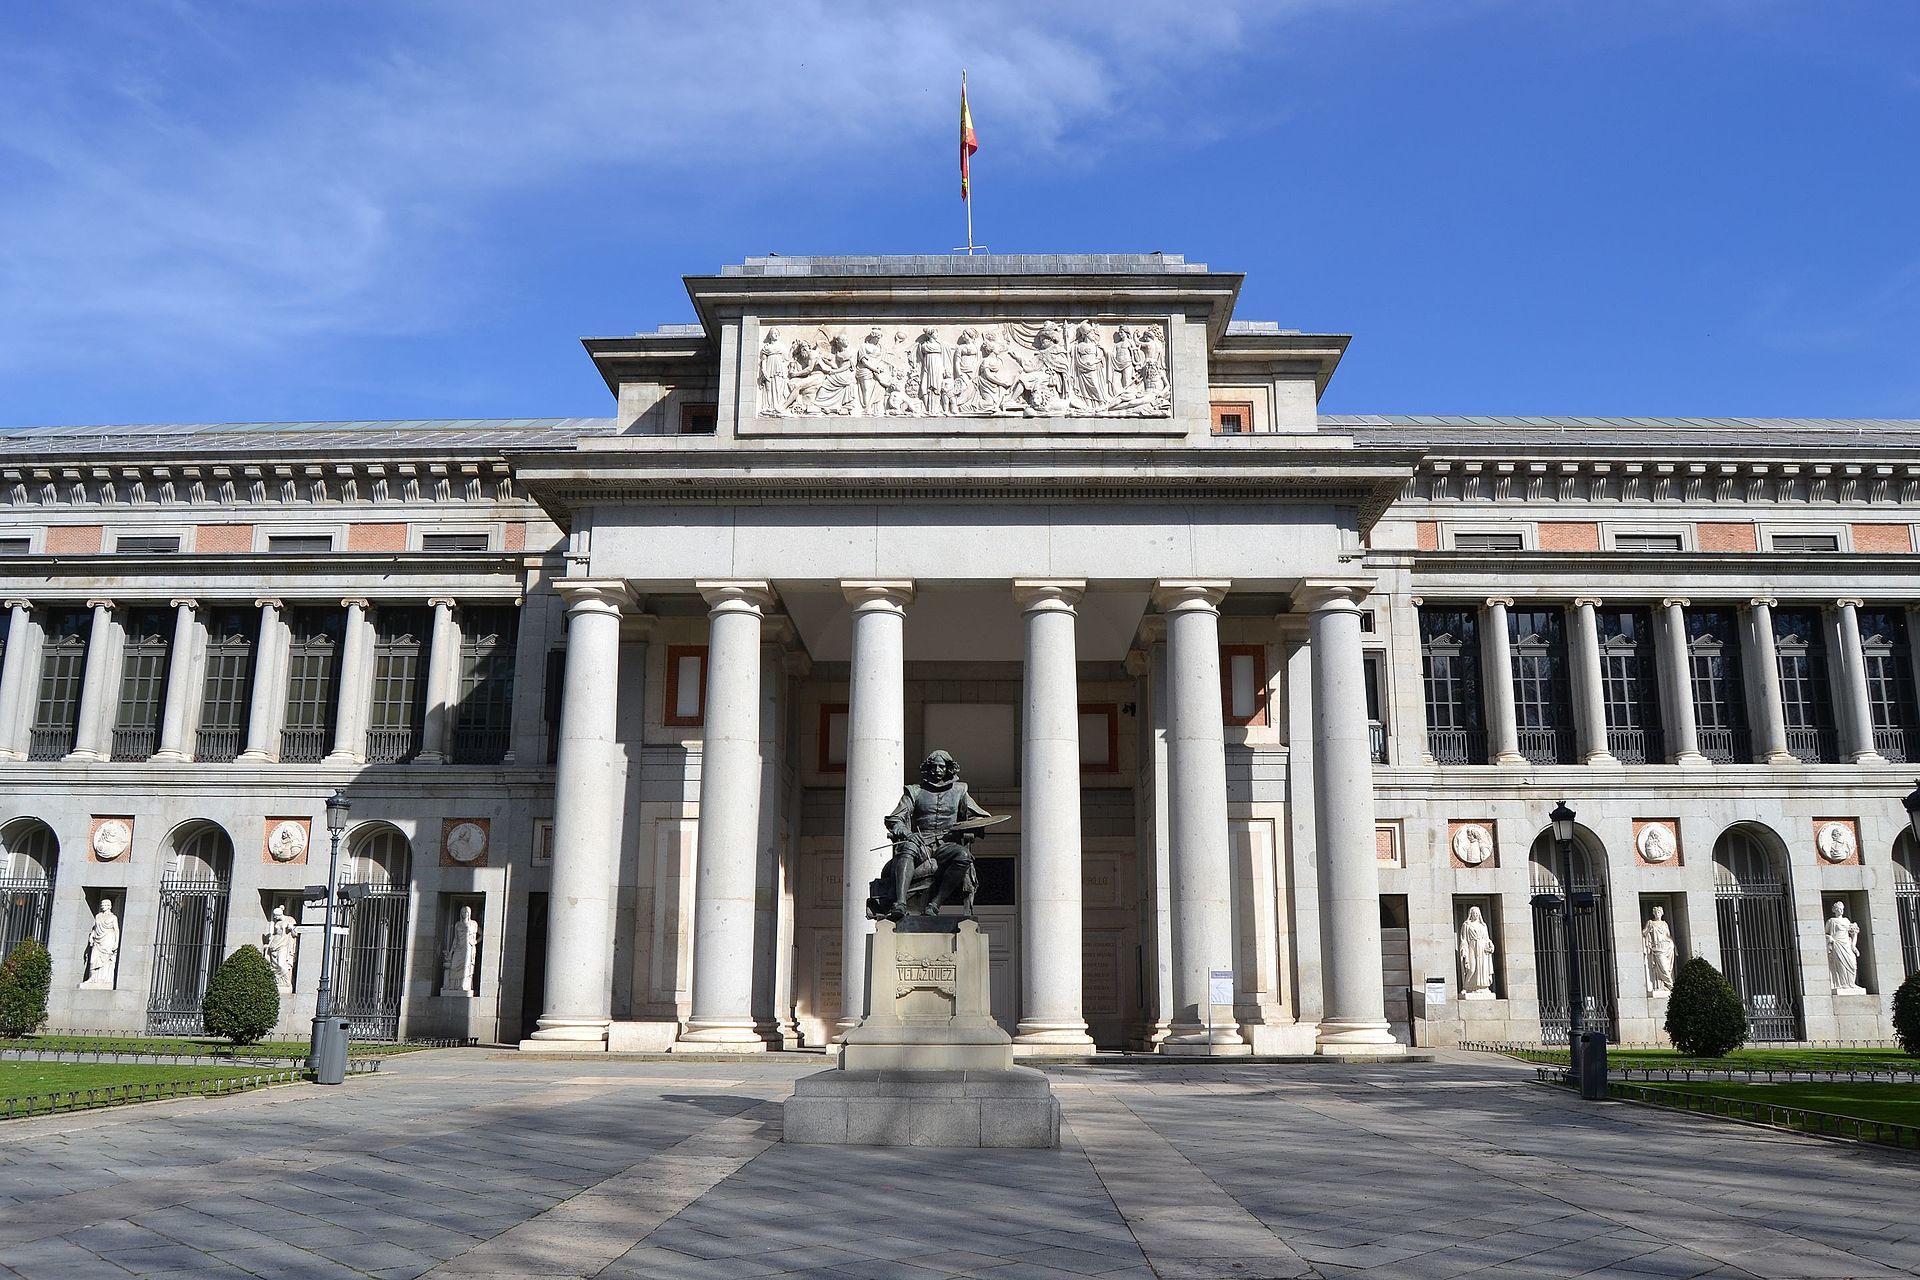 Kiến trúc tân cổ điển Bảo tàng Prado Madrid